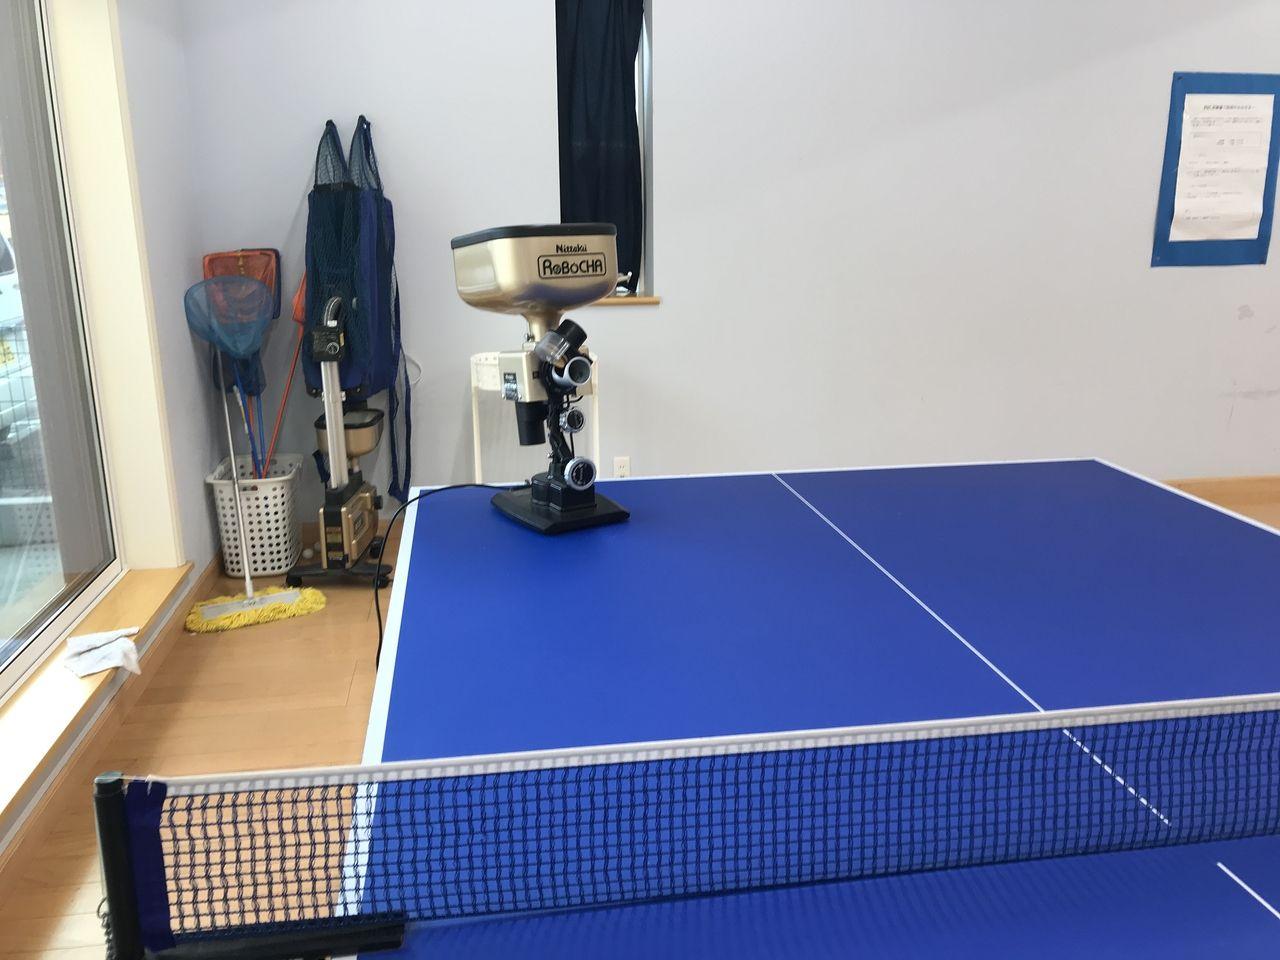 行徳のFSC卓球クラブの卓球マシン